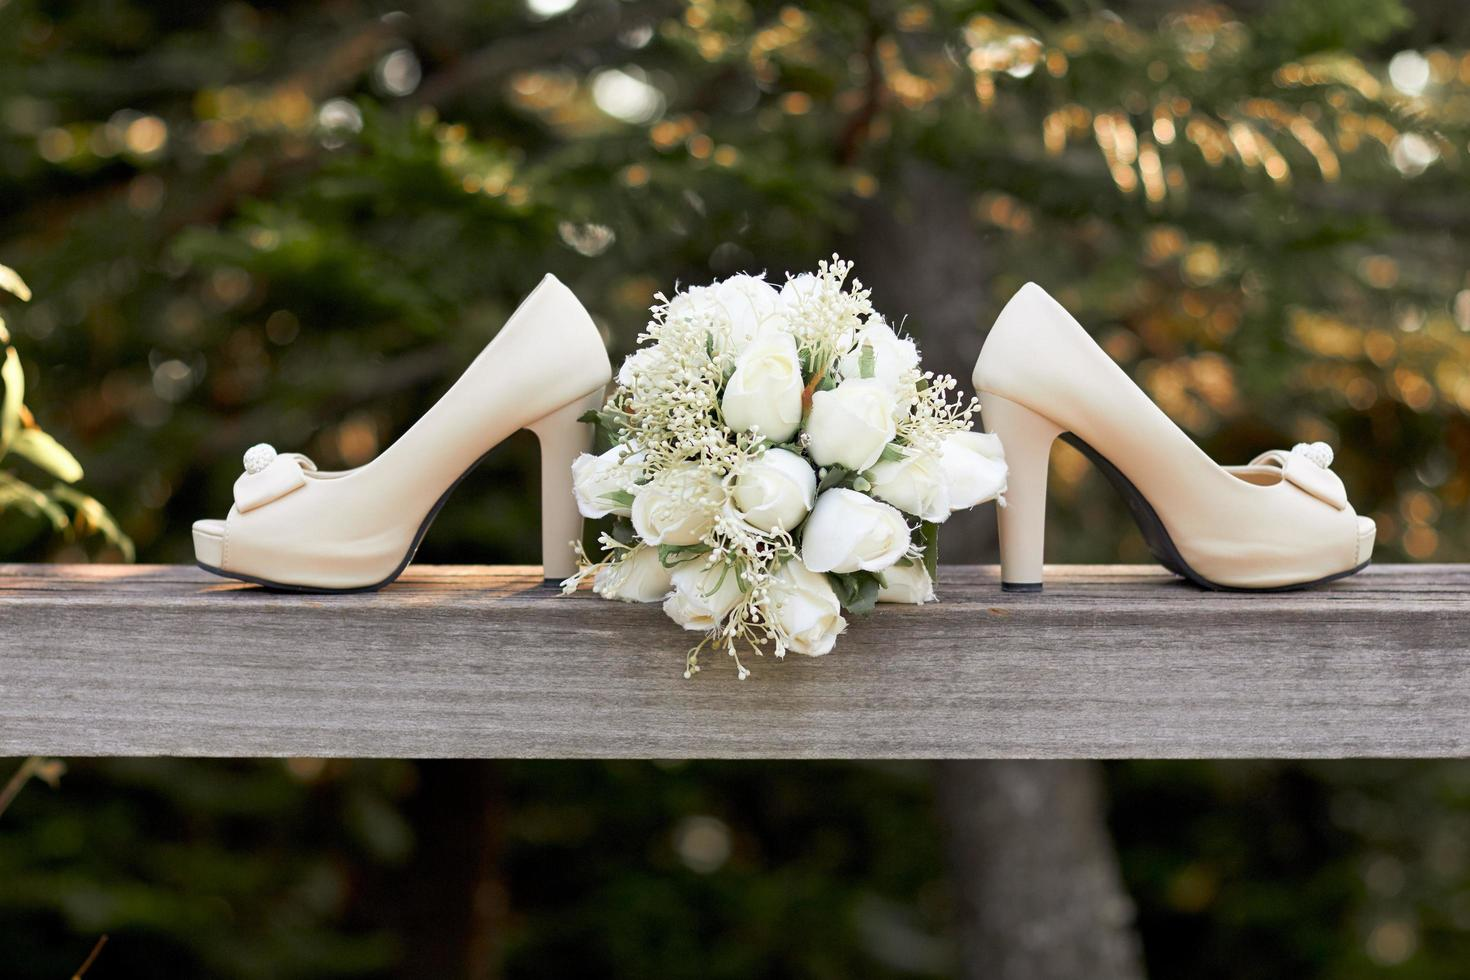 Hochzeitsschuhe und Blumenstrauß draußen foto